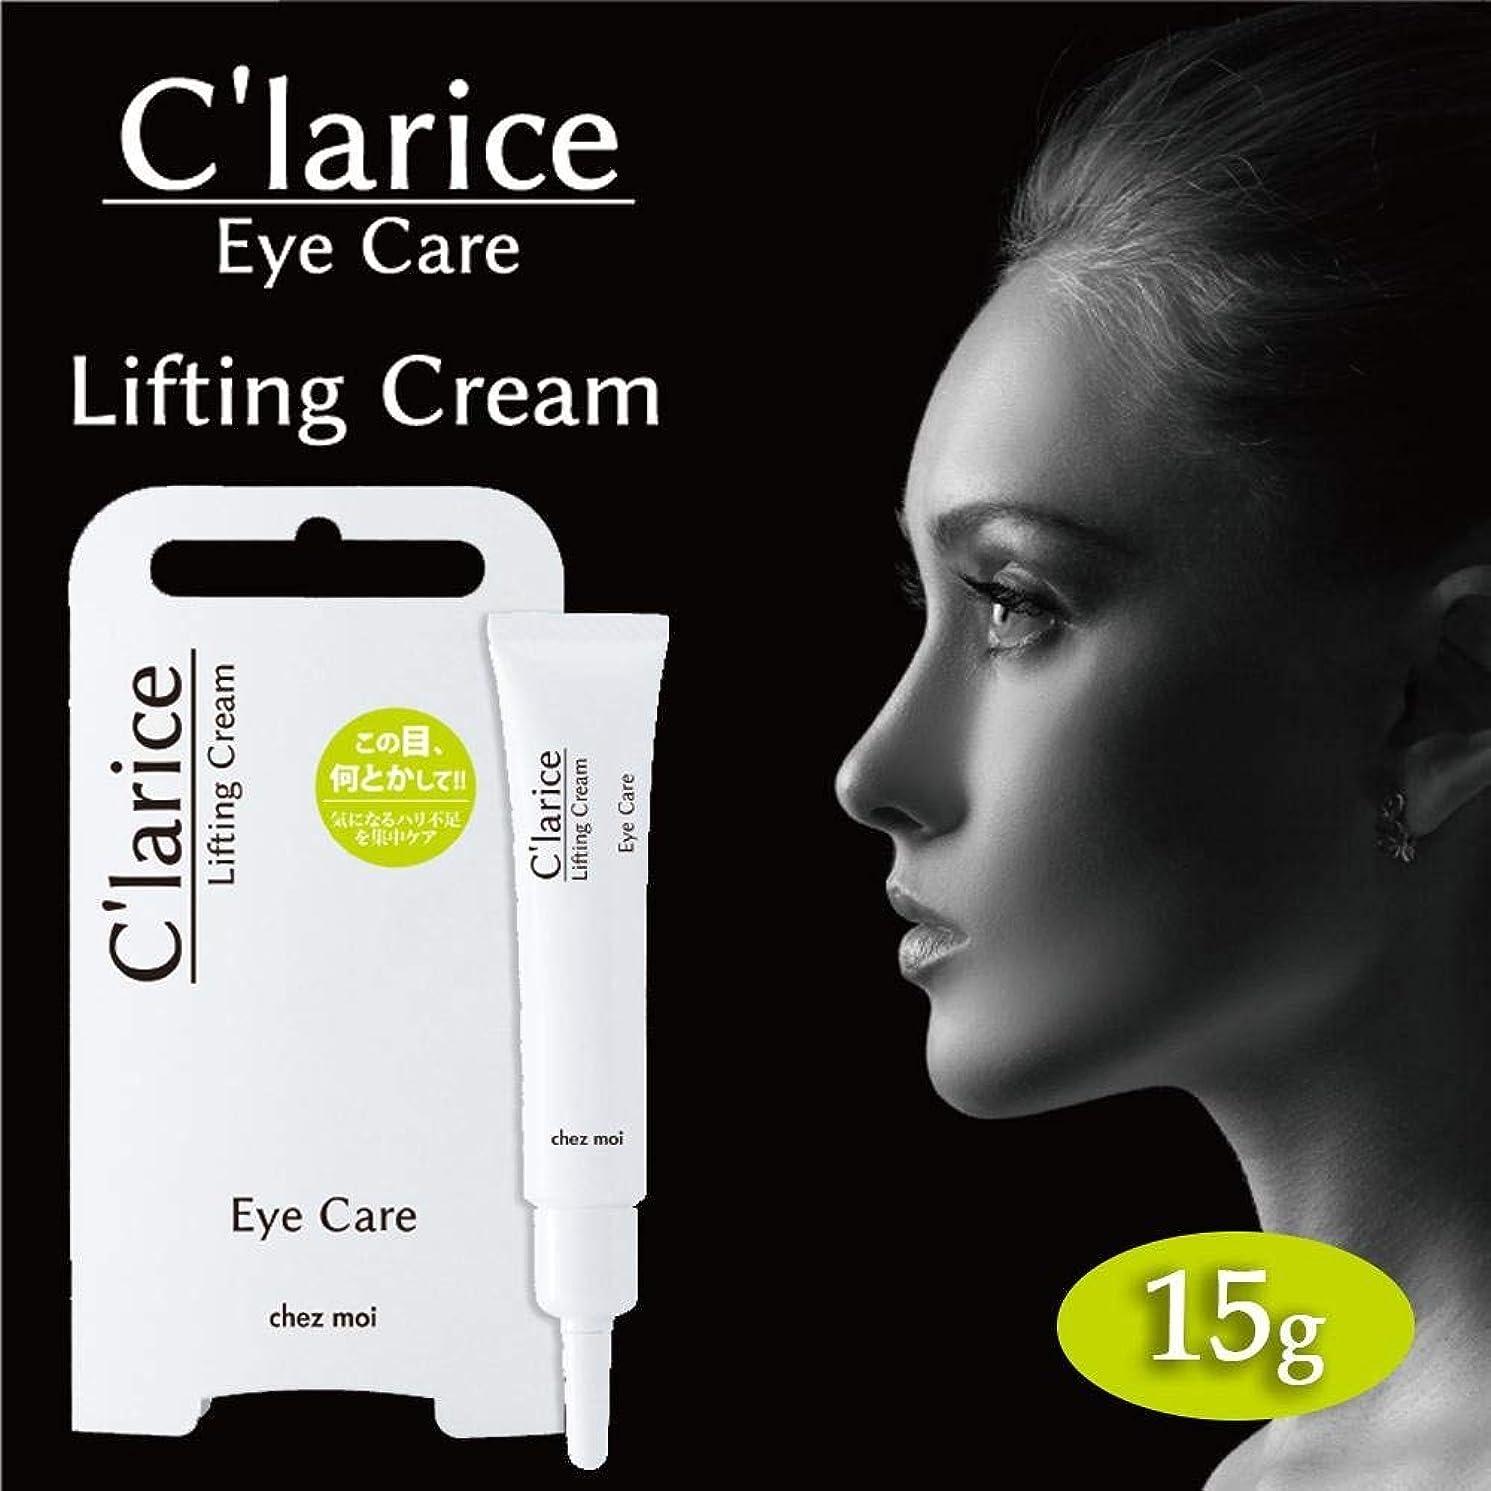 オーバーフロービジター囚人C'larice(クラリス) Eye Care ‐Lifting Cream‐(リフティングクリーム) 15g